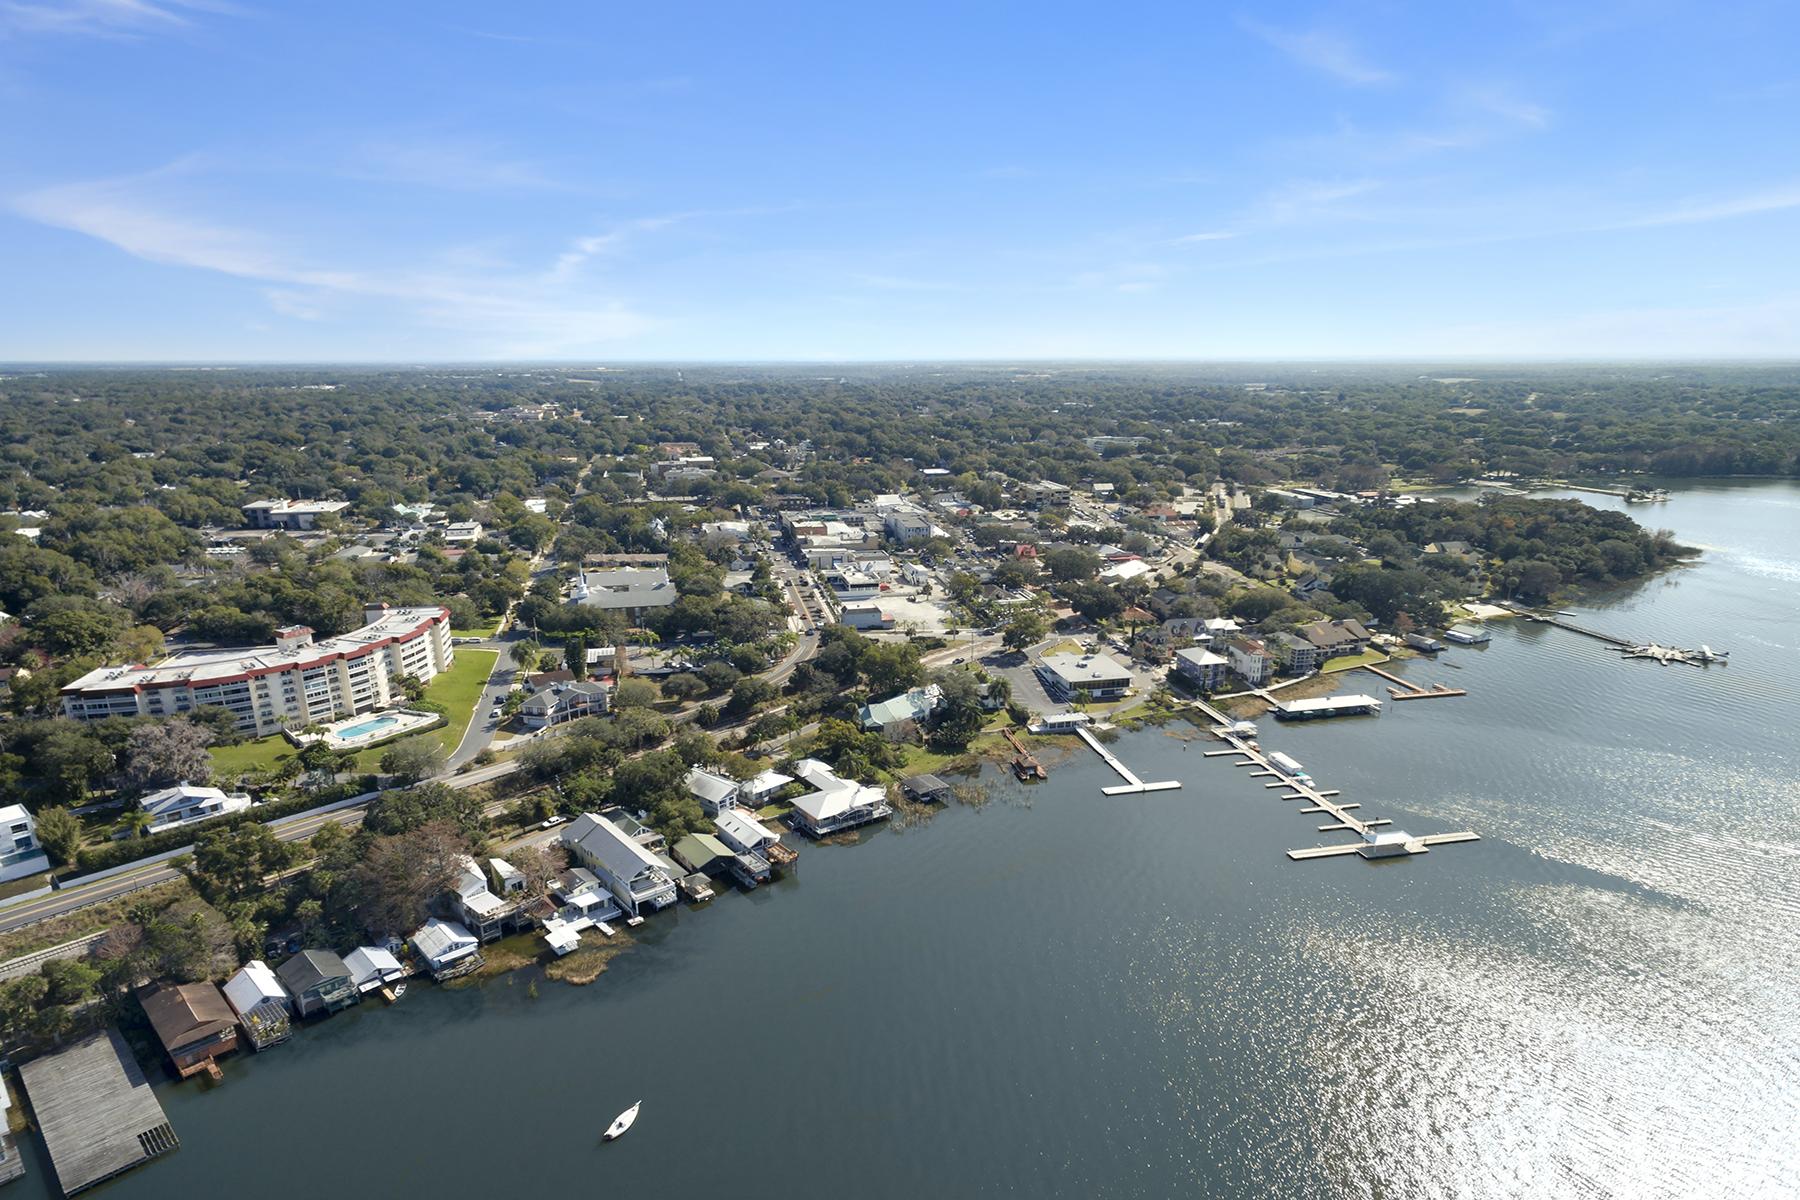 独户住宅 为 销售 在 ORLANDO - MOUNT DORA 404 Lake Dora Rd 蒙特多拉, 佛罗里达州, 32757 美国